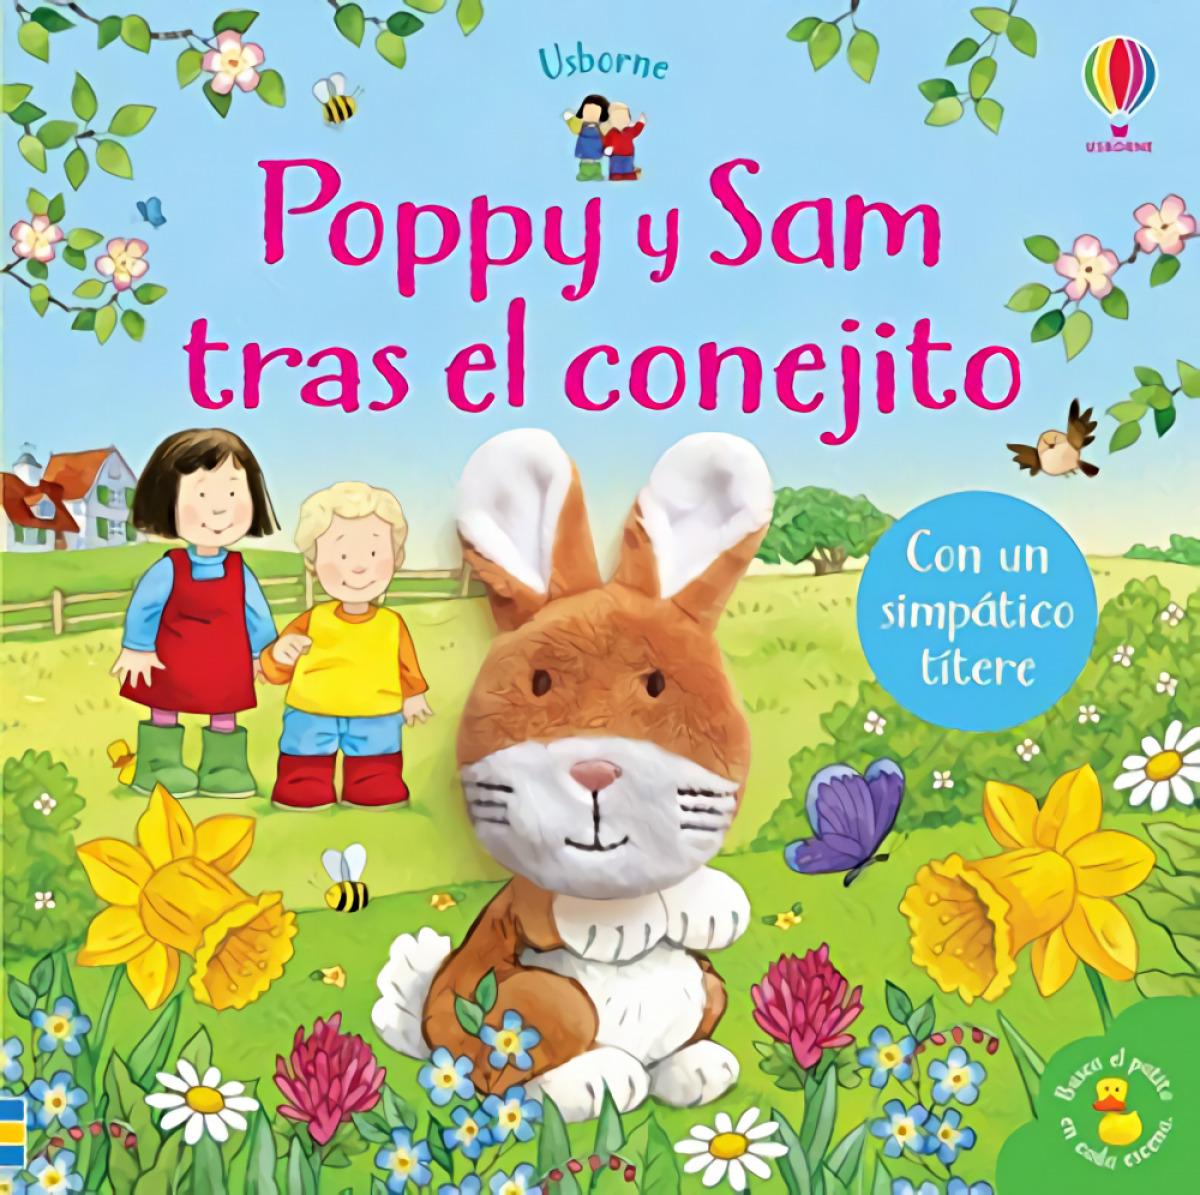 Poppy y sam tras el conejito